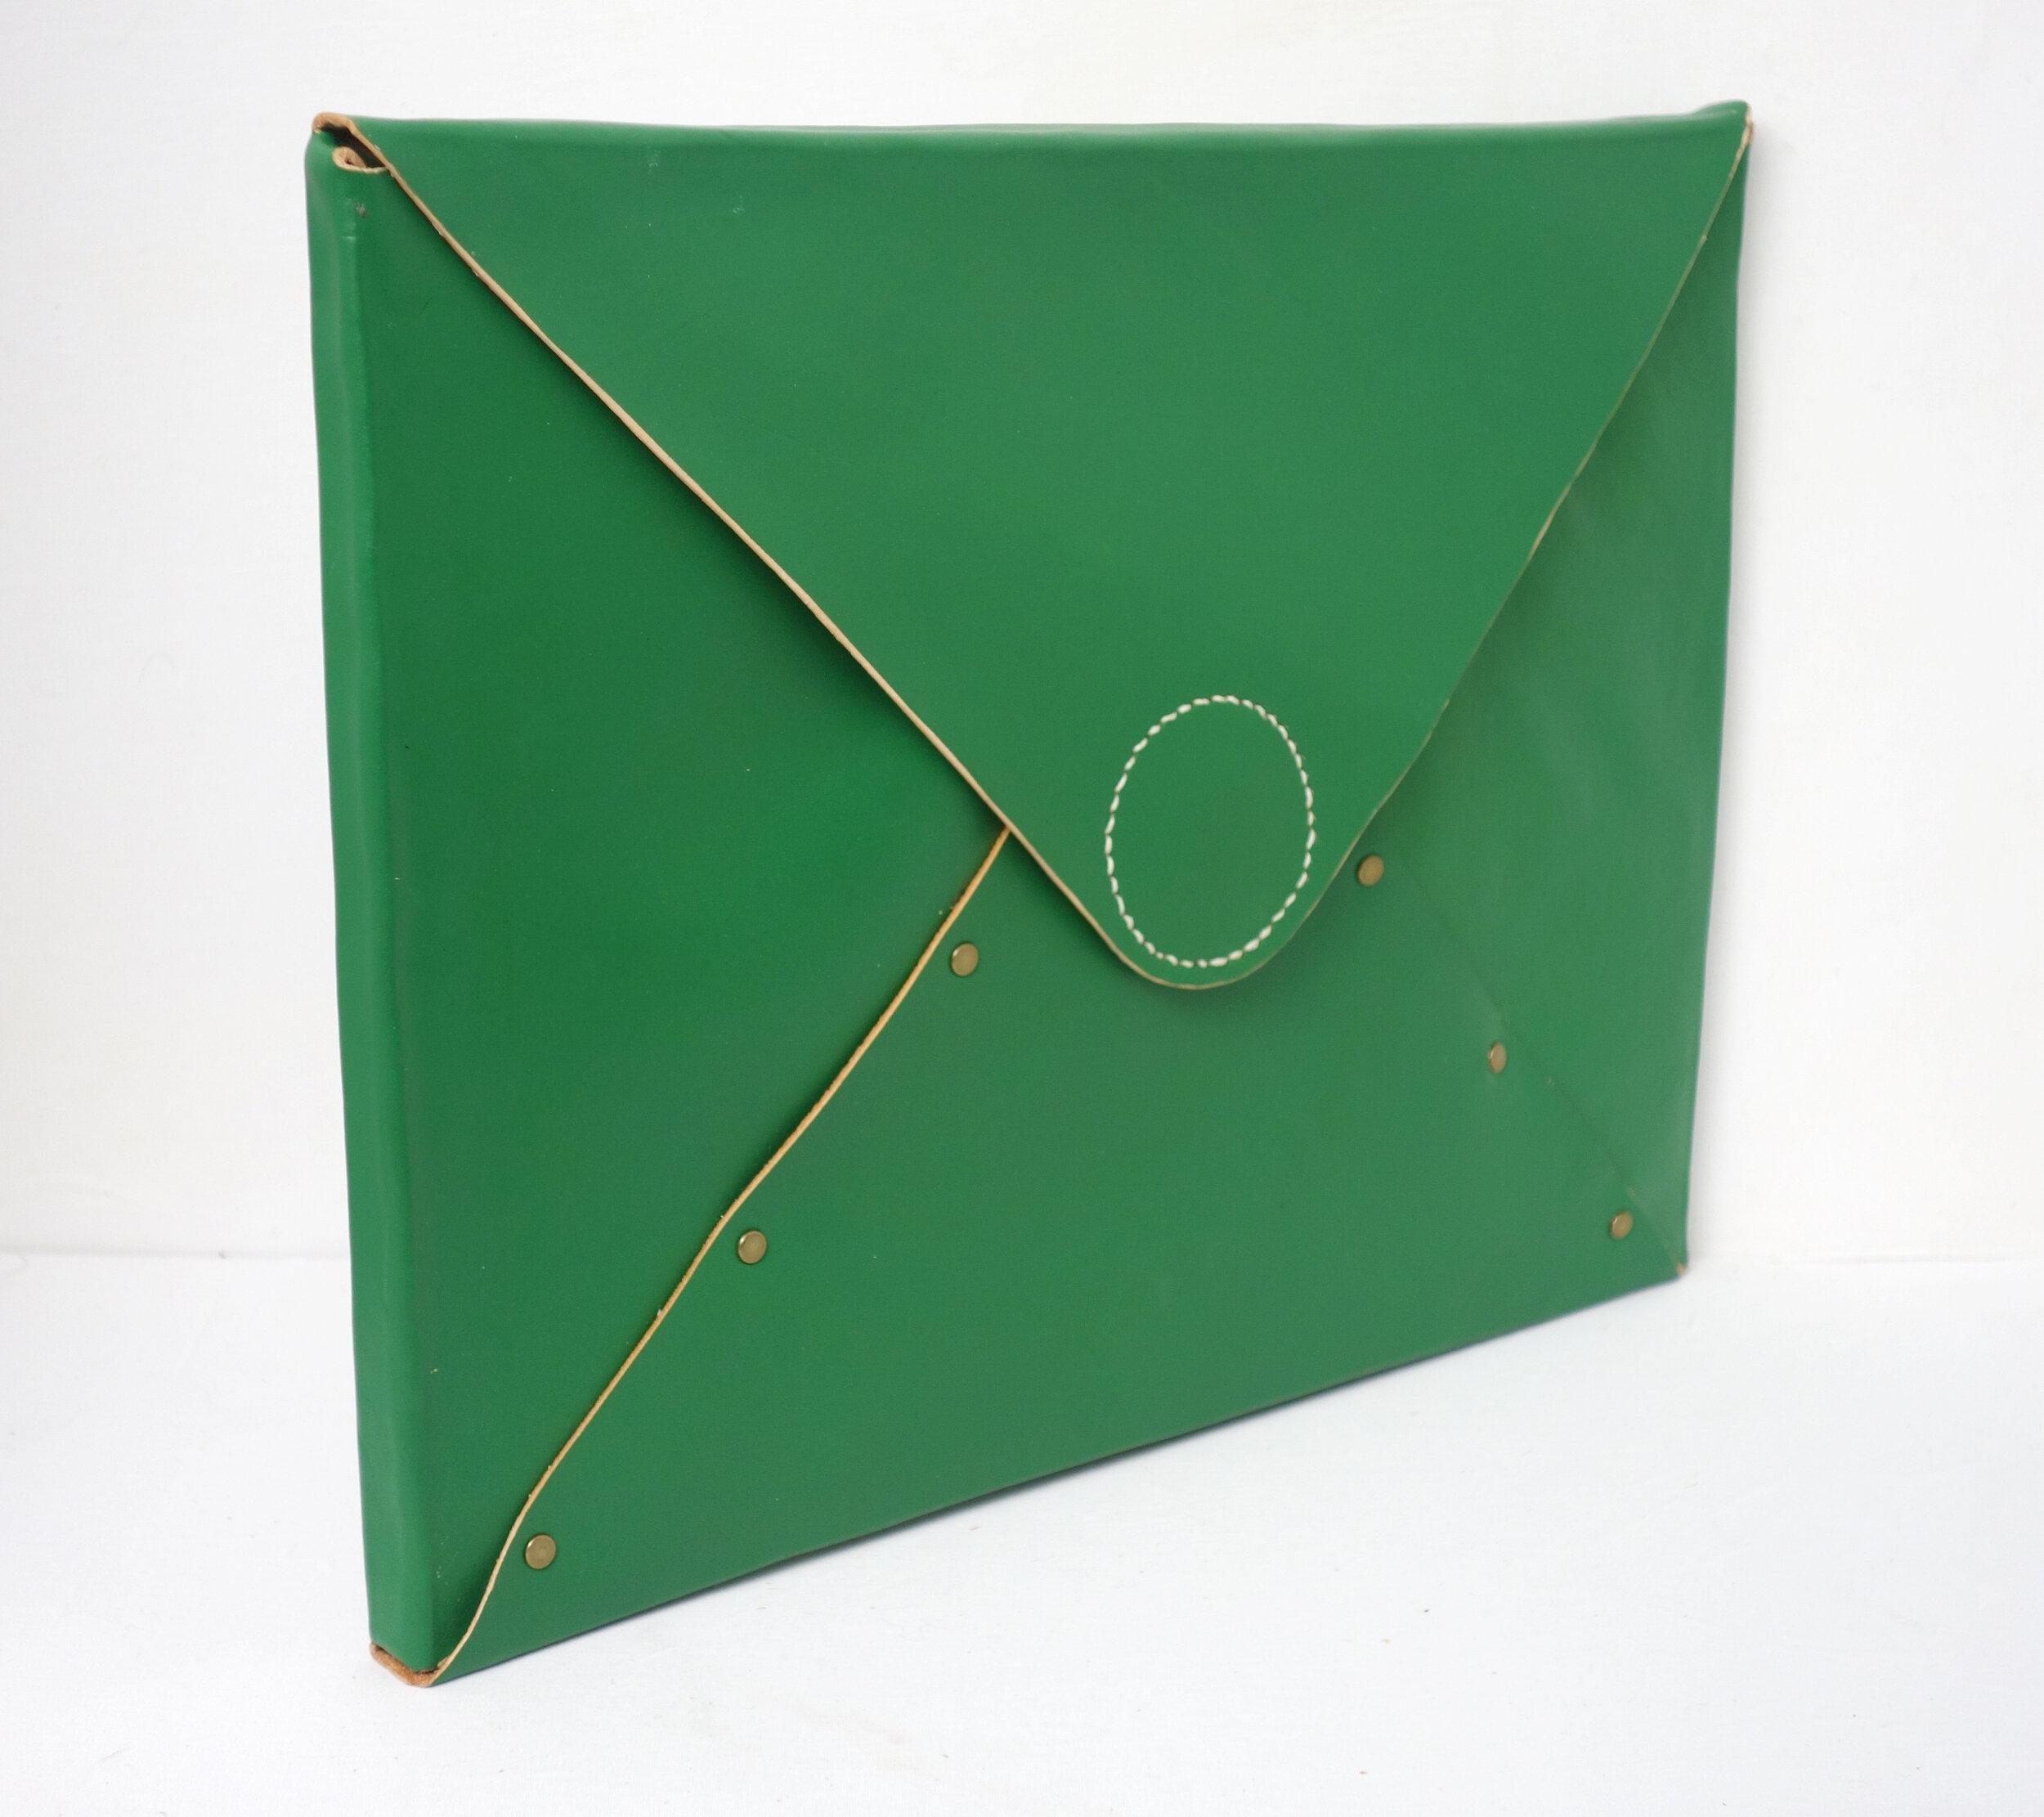 T&C Mouse-green-folder-side.jpg